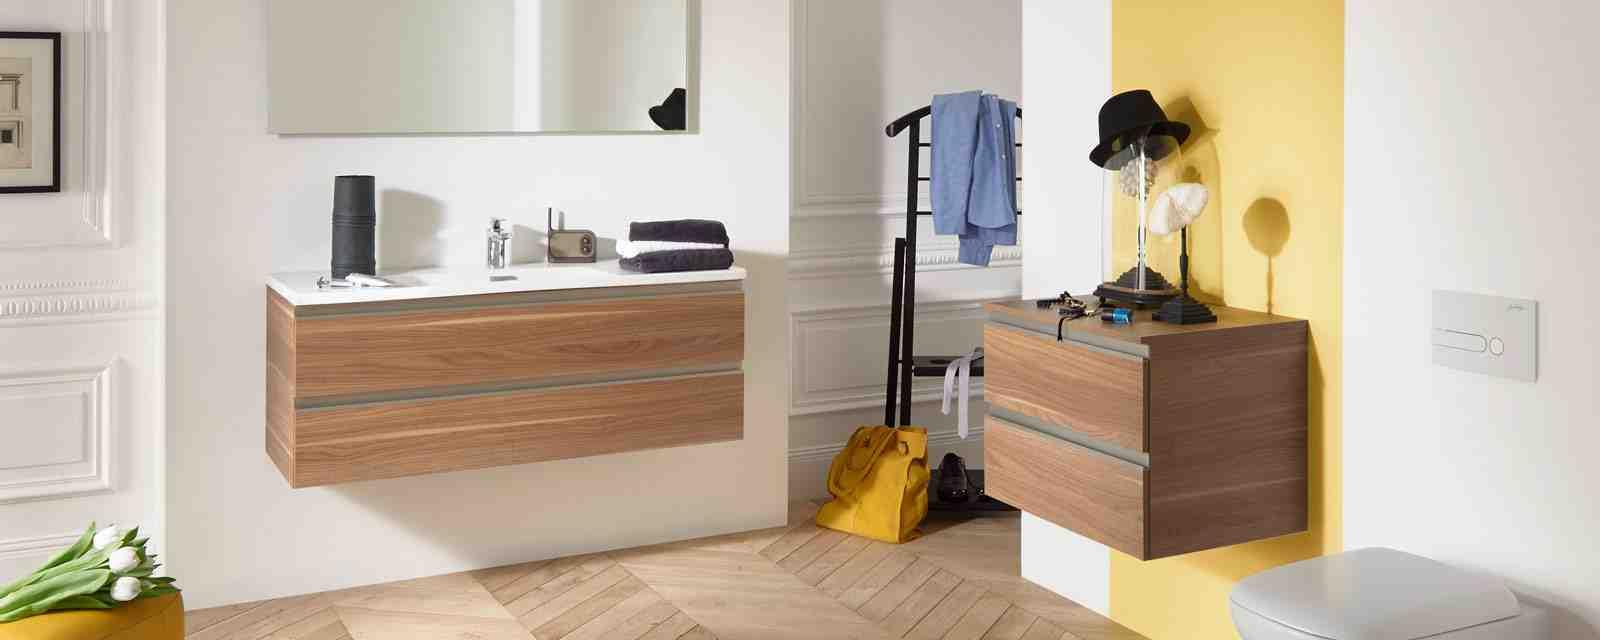 Comment rendre une salle de bain chaleureuse ?